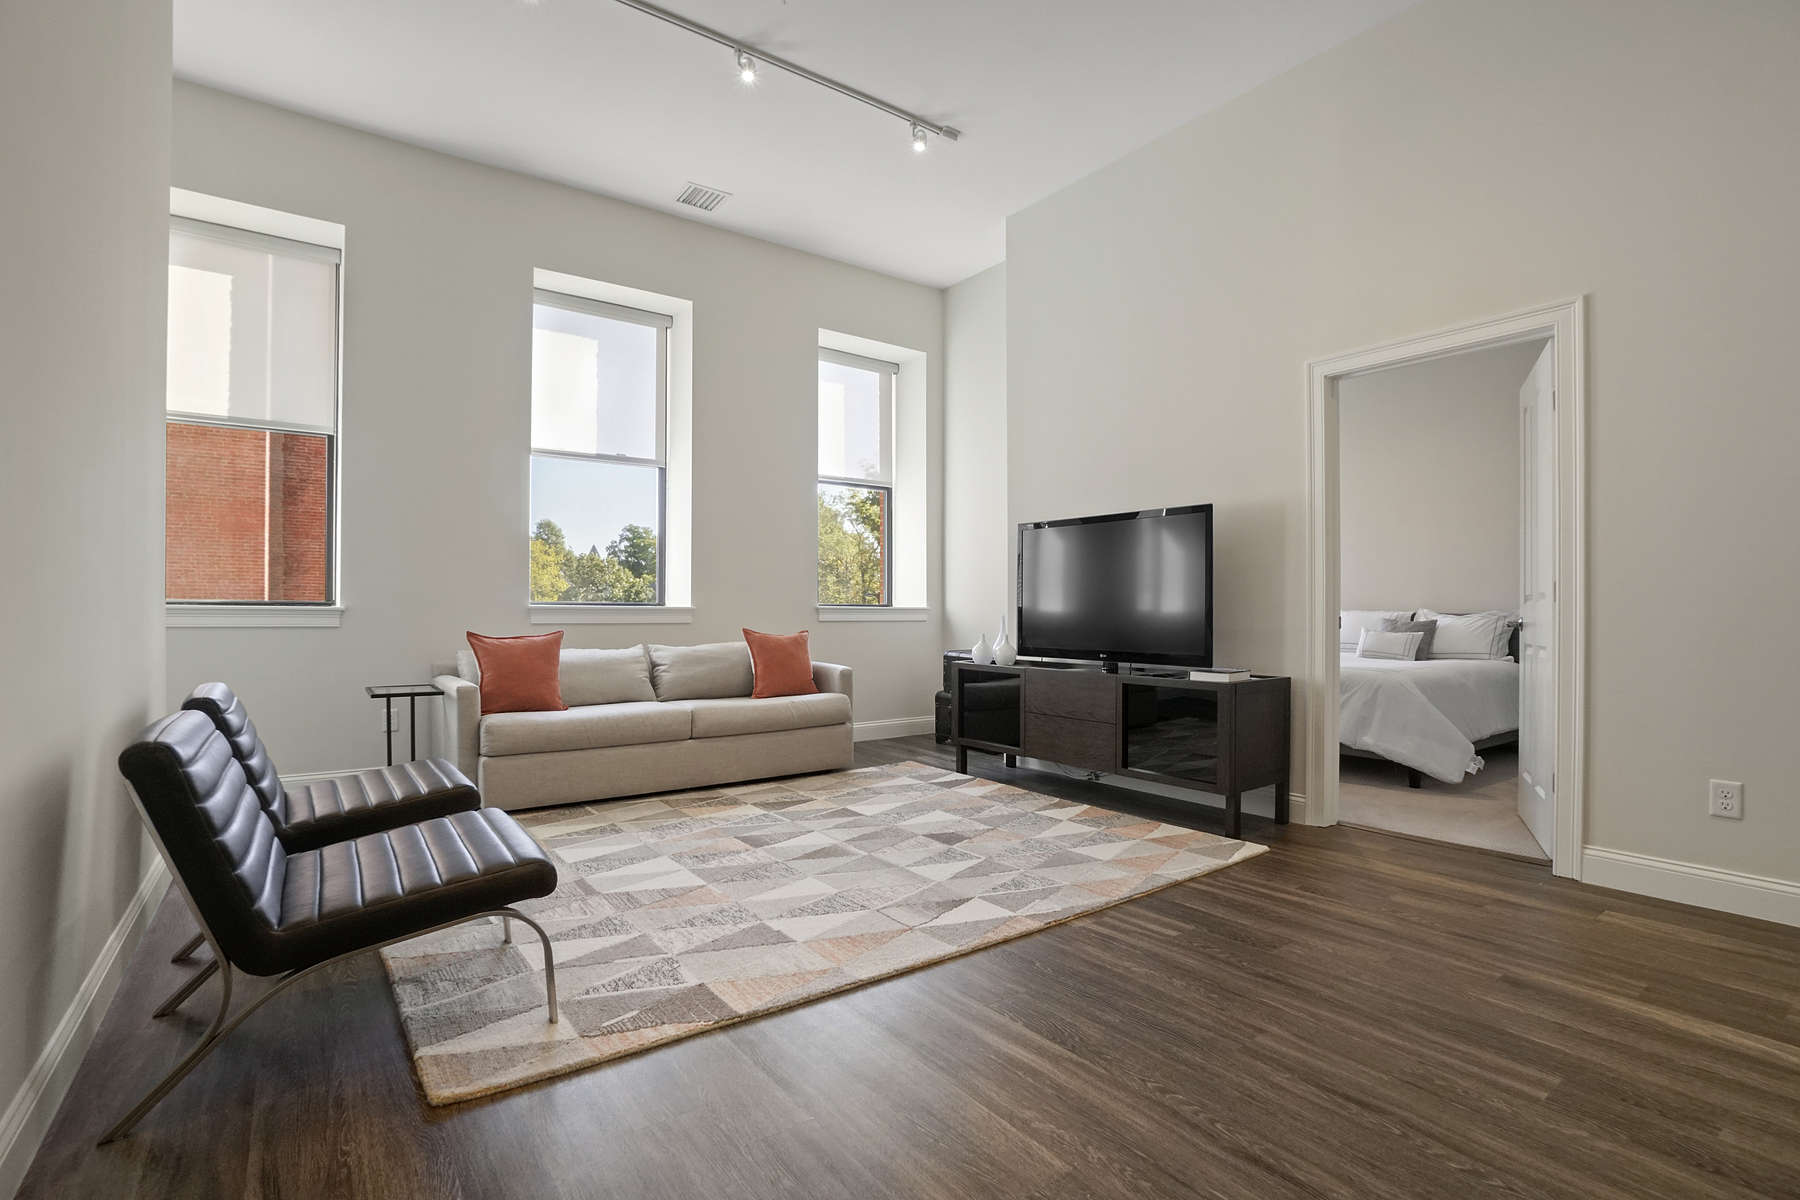 Condominiums 为 销售 在 1022 Hancock St - Unit 108 昆西, 马萨诸塞州 02169 美国